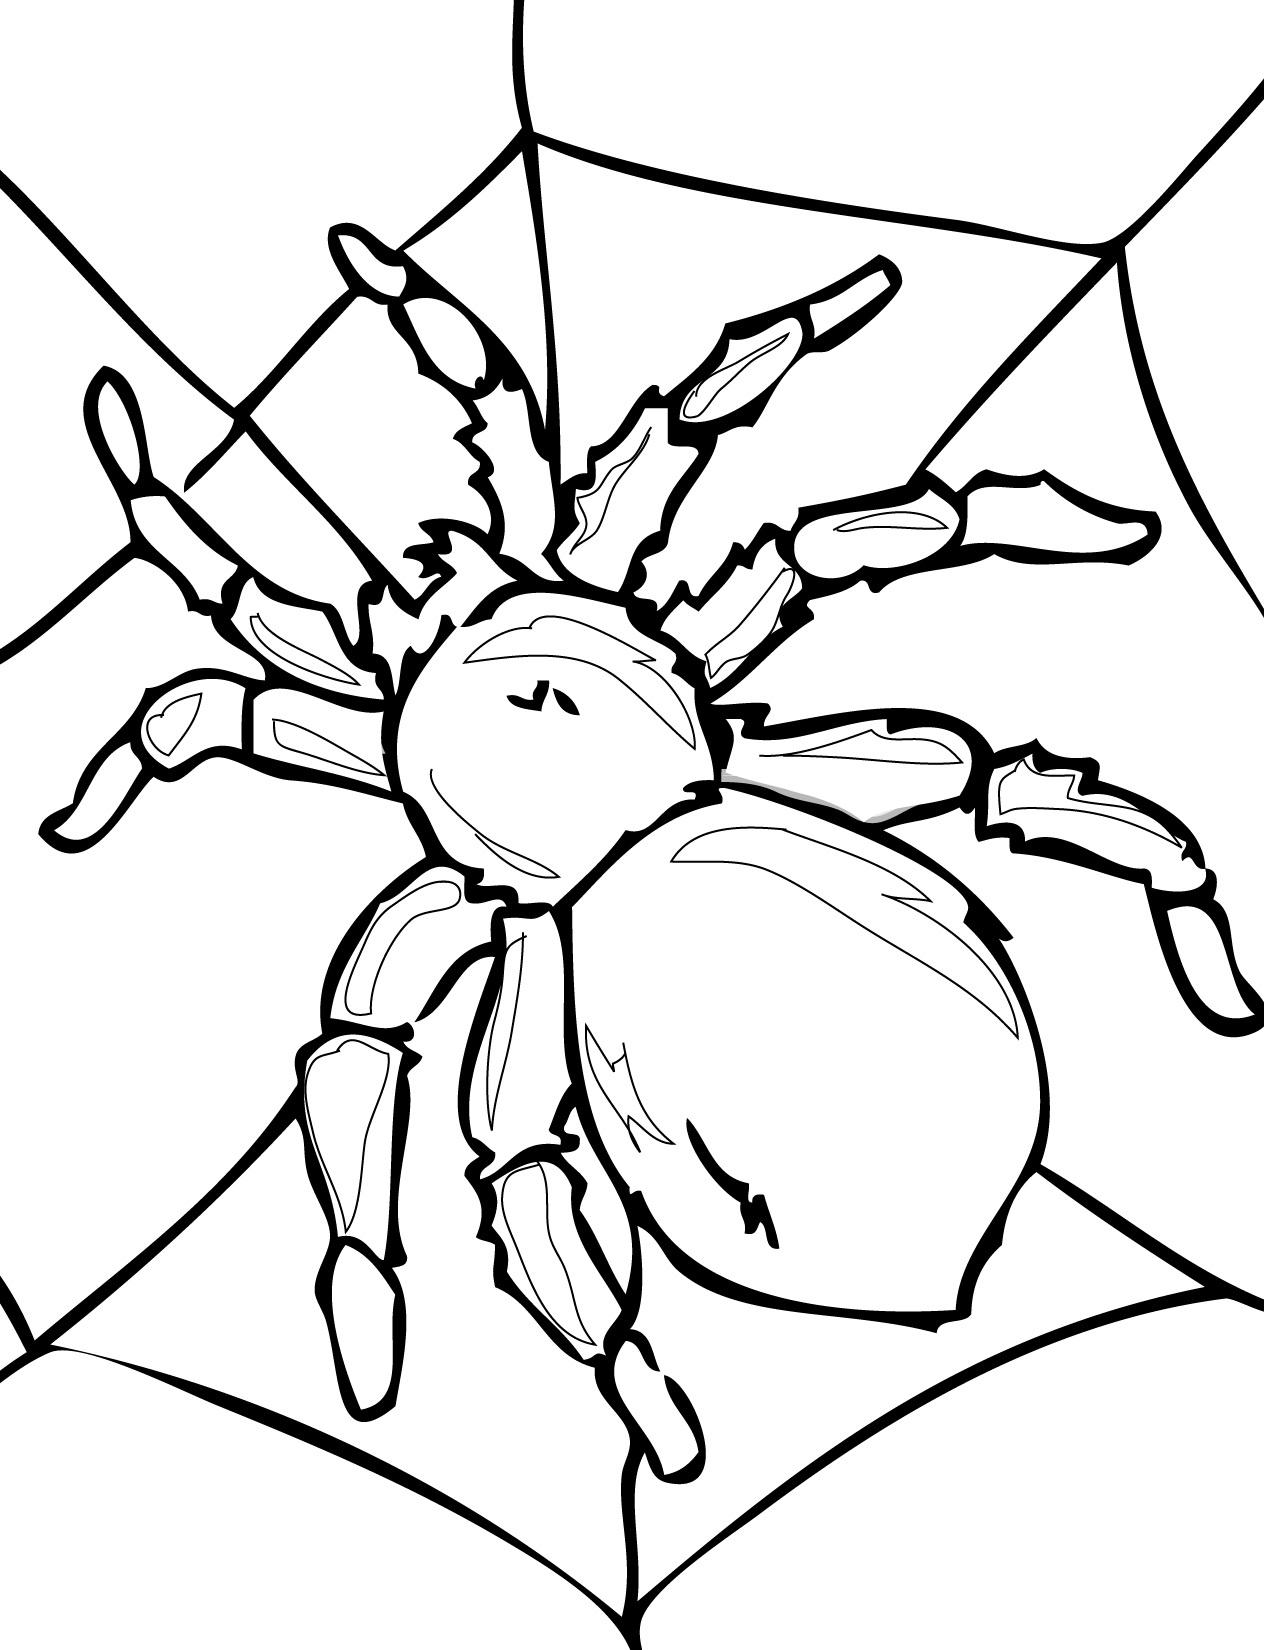 Паук на паутине паук паутине раскраска Раскраски для мальчиков